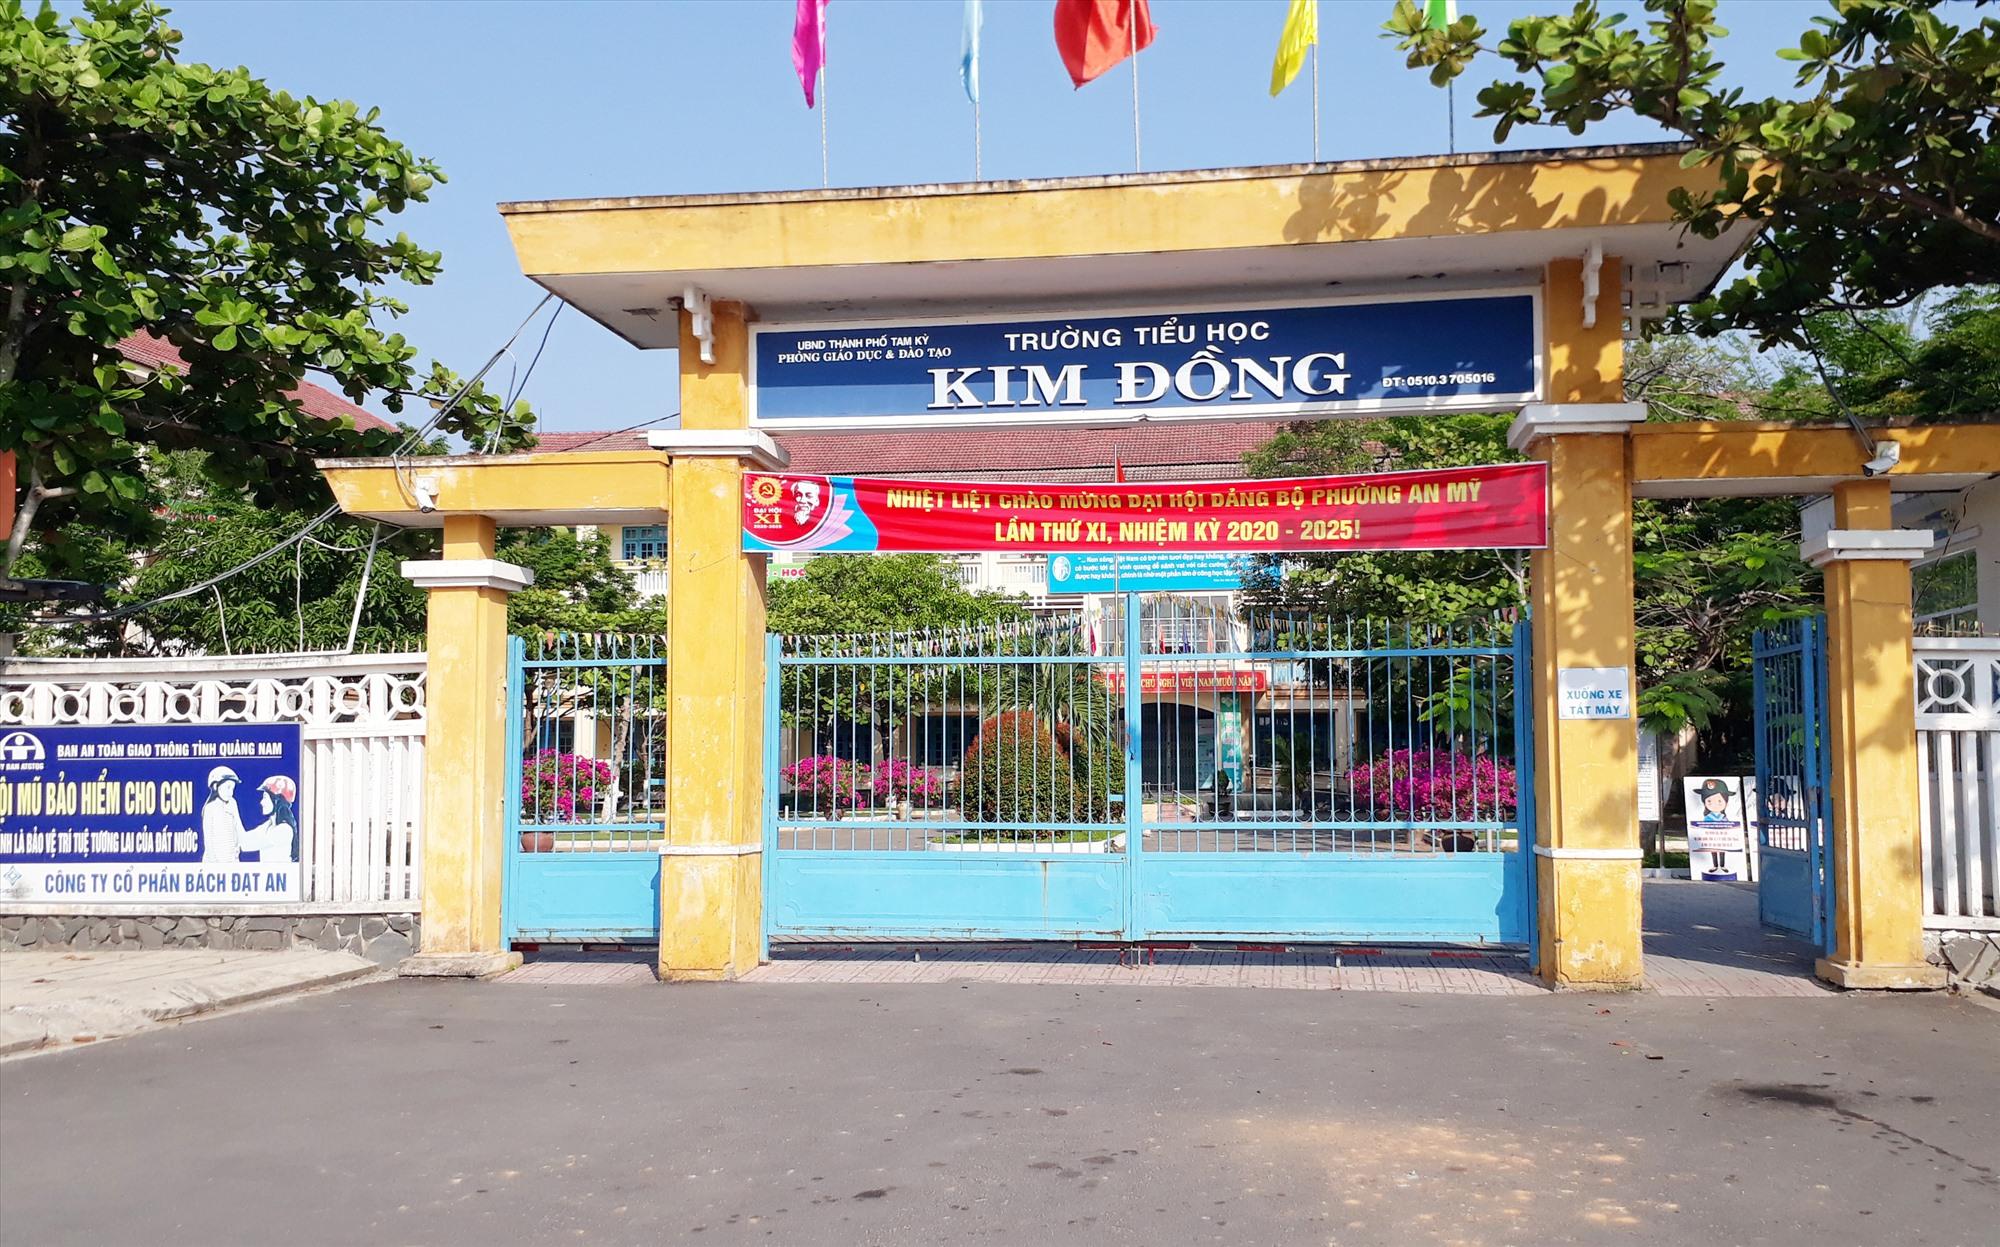 Trường Tiểu học Kim Đồng phường An Mỹ được xây dựng khang trang. Ảnh: X.P